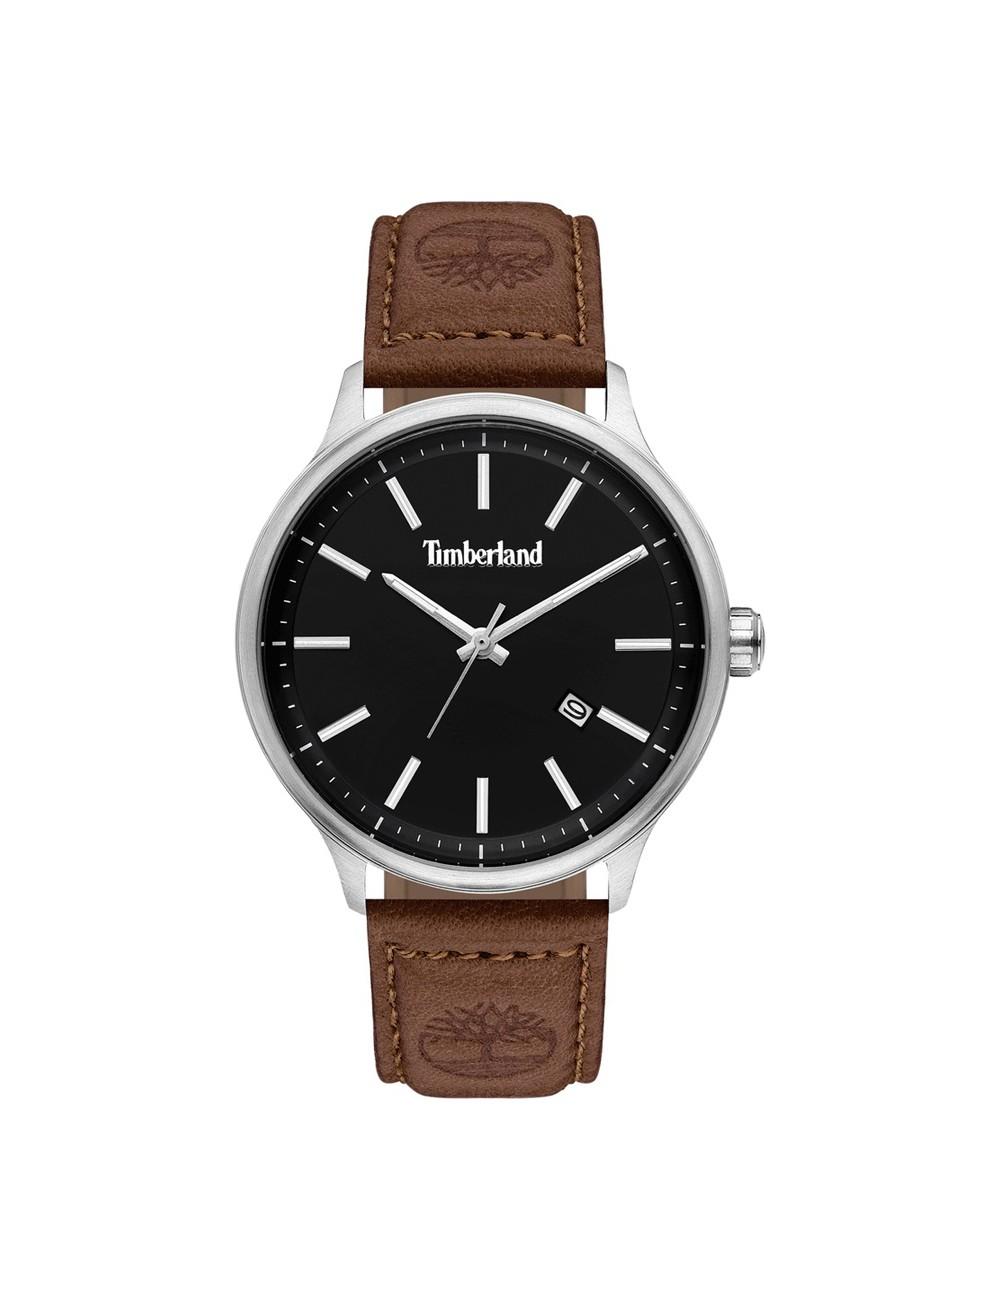 Pánske hodinky Timberland Allendale TBL.15638JS / 02